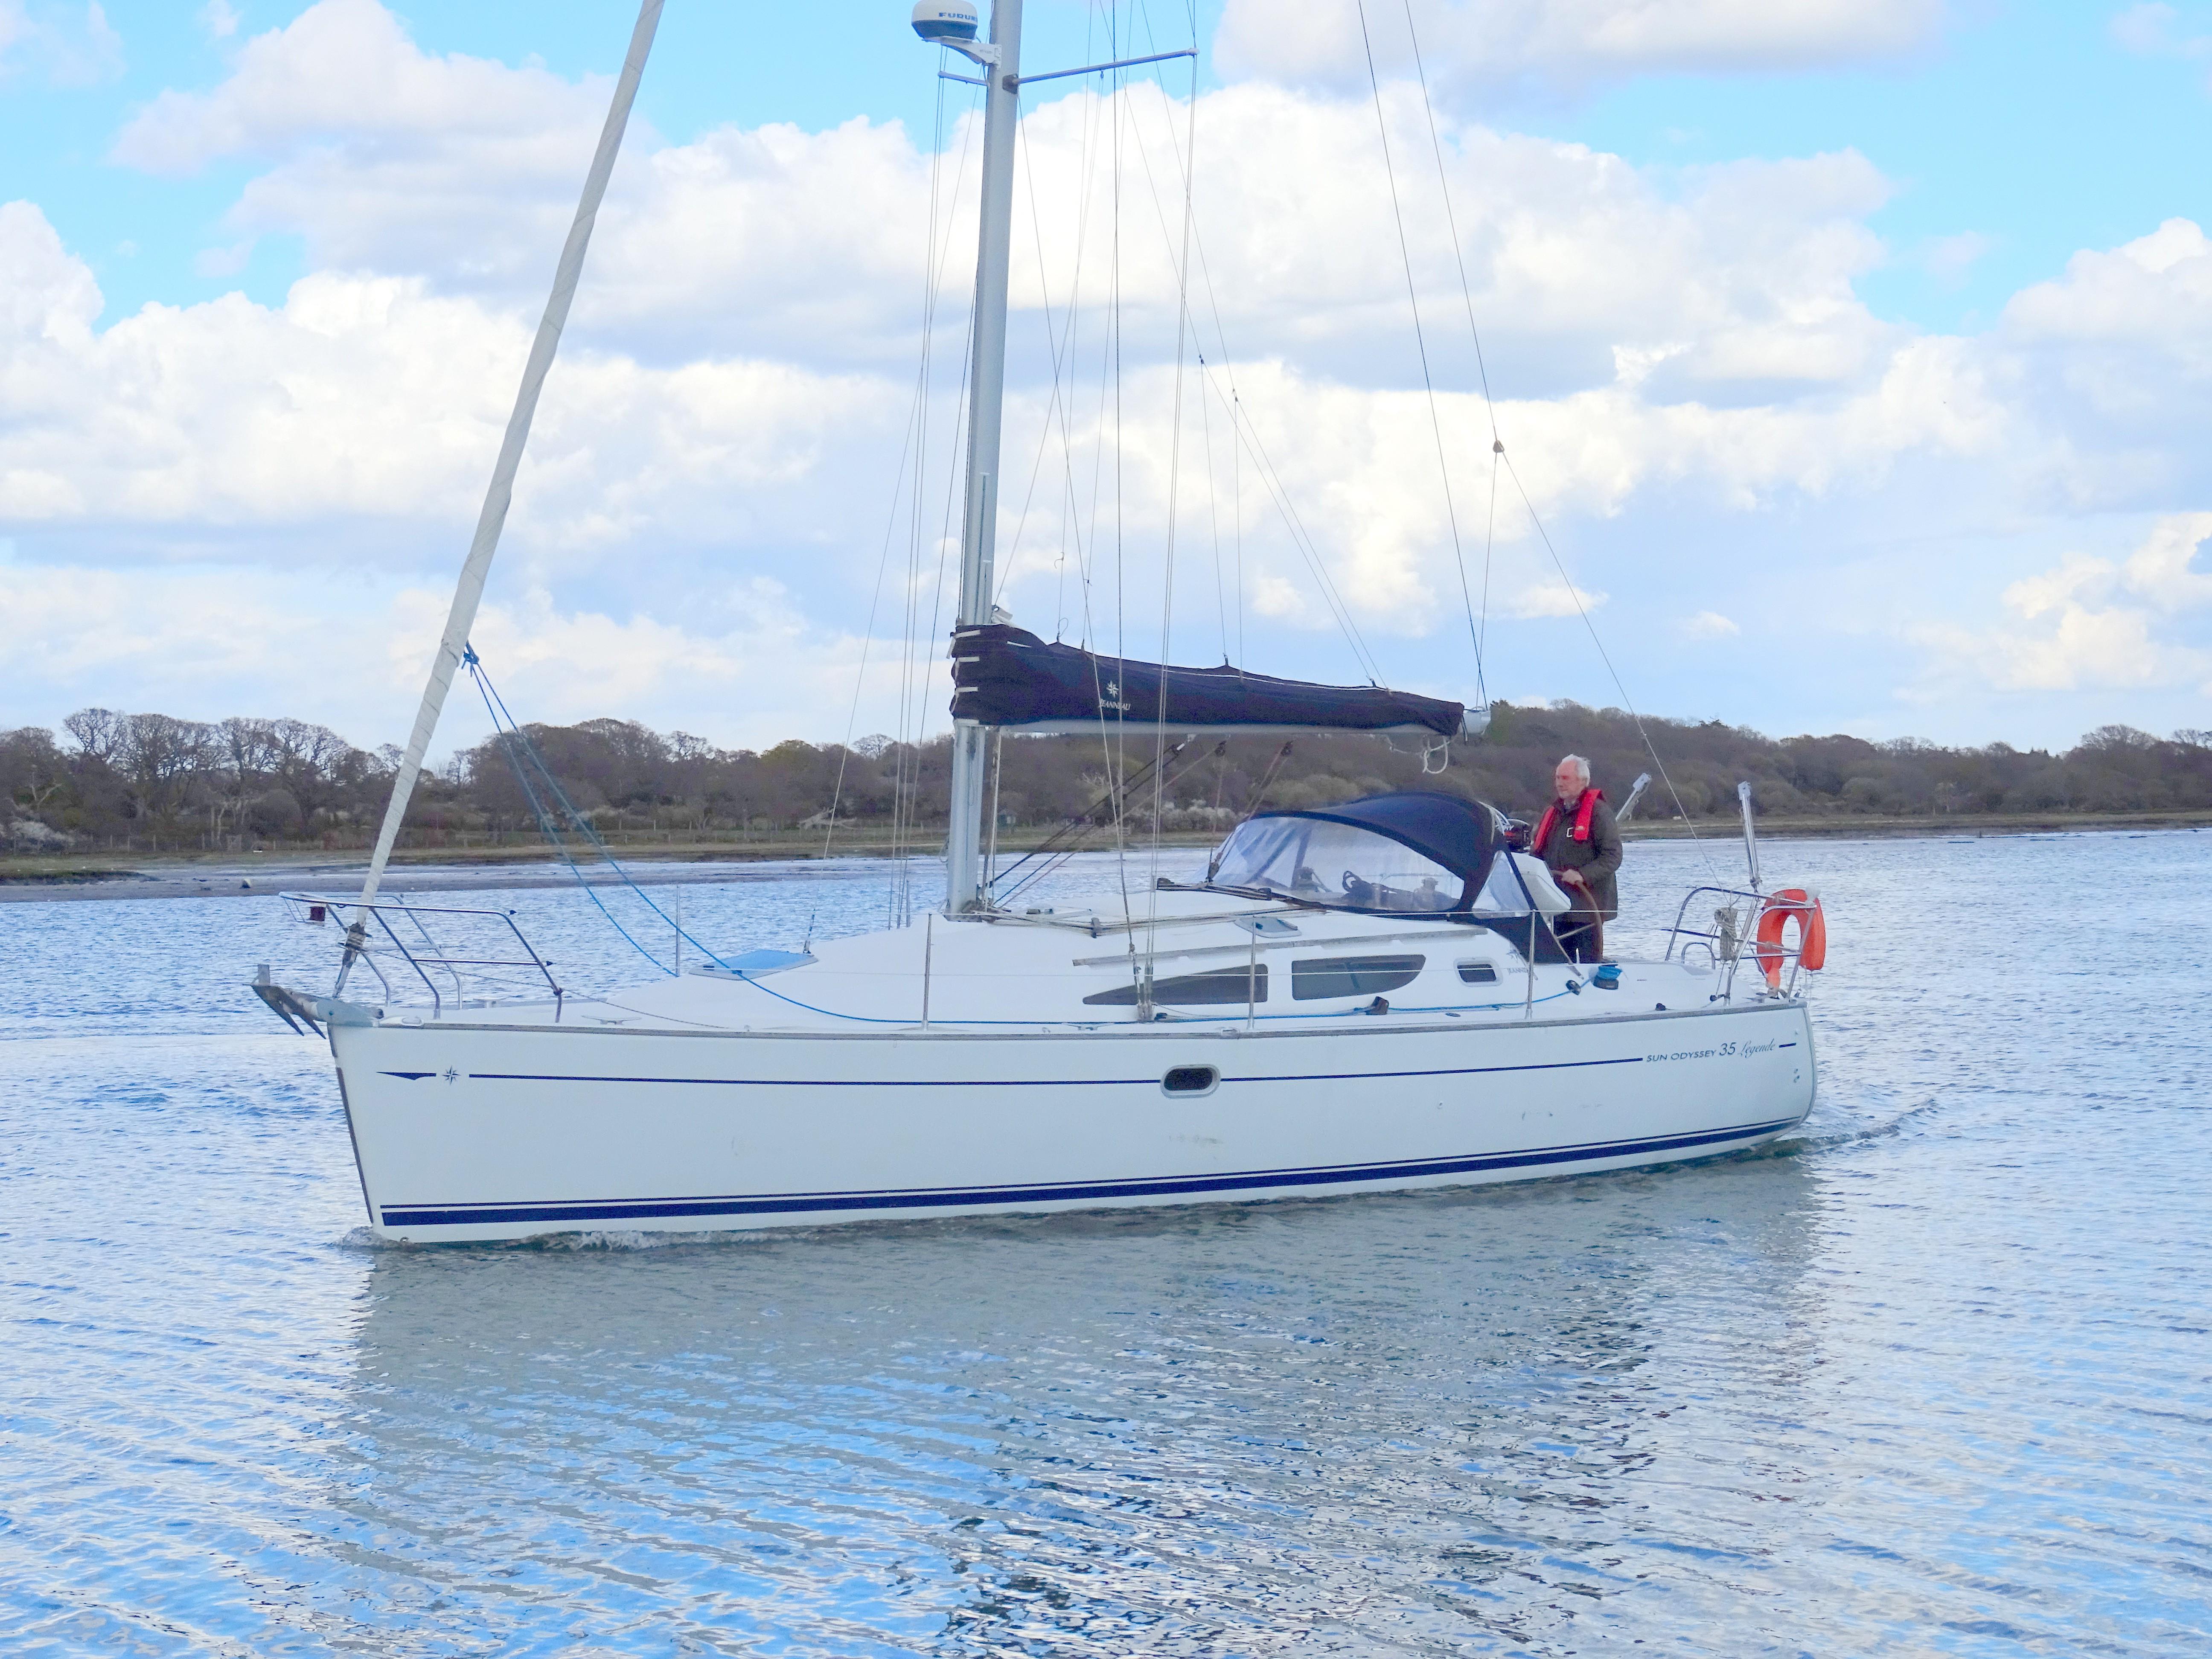 Jeanneau Sun Odyssey 35 Lift Keel